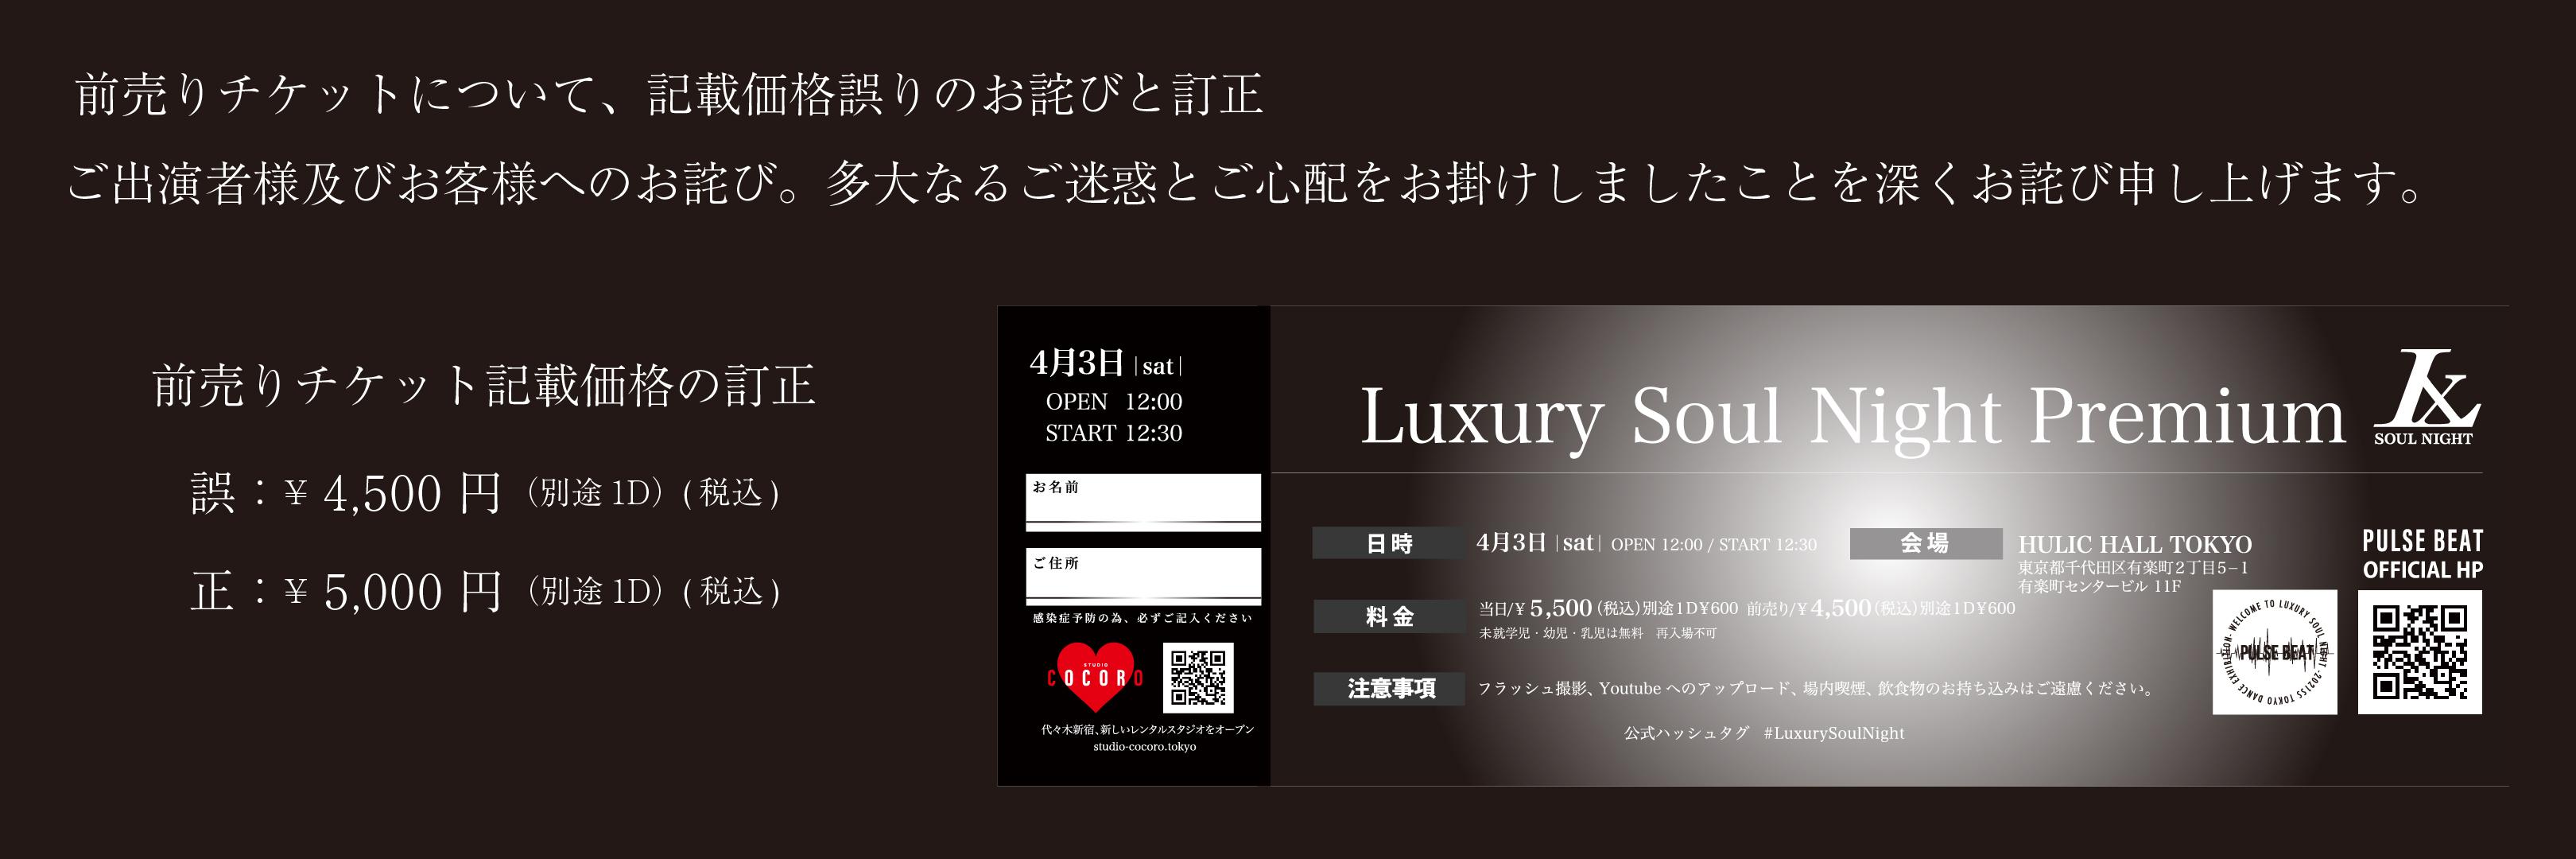 前売りチケットについて、掲載価格誤りのお詫びとご報告 – LUXURY SOUL NIGHT 2021.4.3 ヒューリックホール東京 – PULSE BEAT